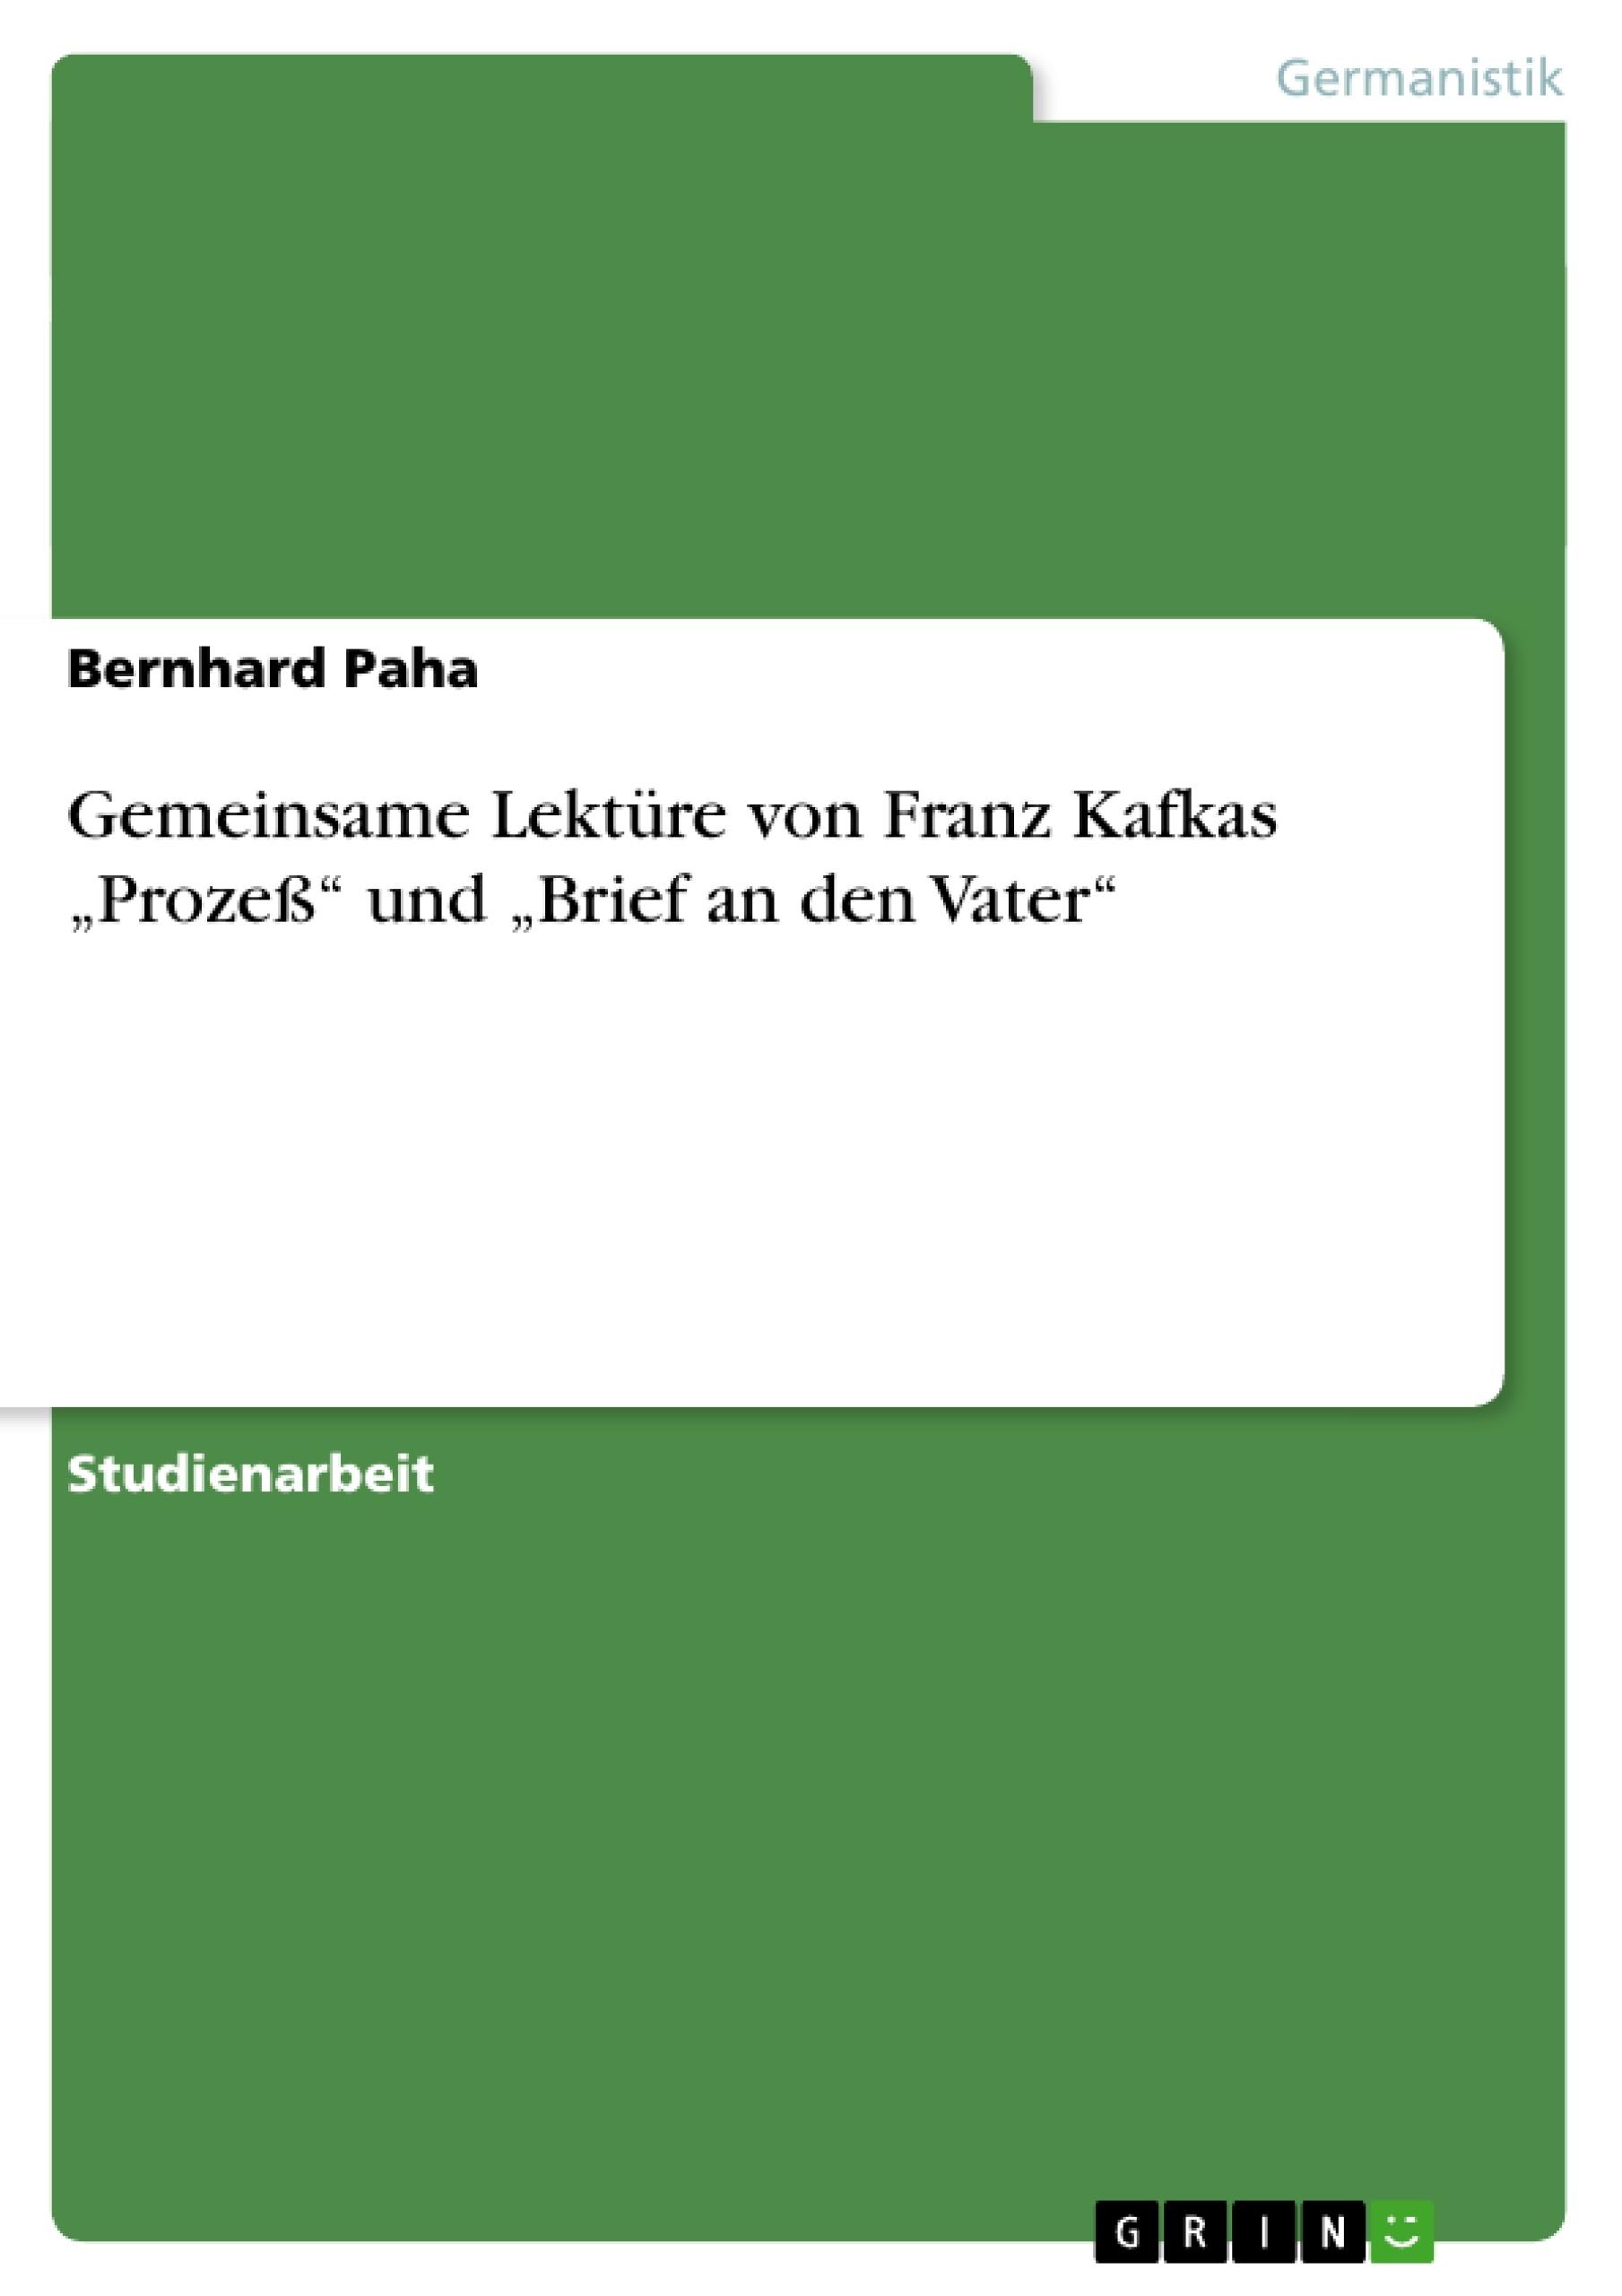 """Titel: Gemeinsame Lektüre von Franz Kafkas """"Prozeß"""" und """"Brief an den Vater"""""""